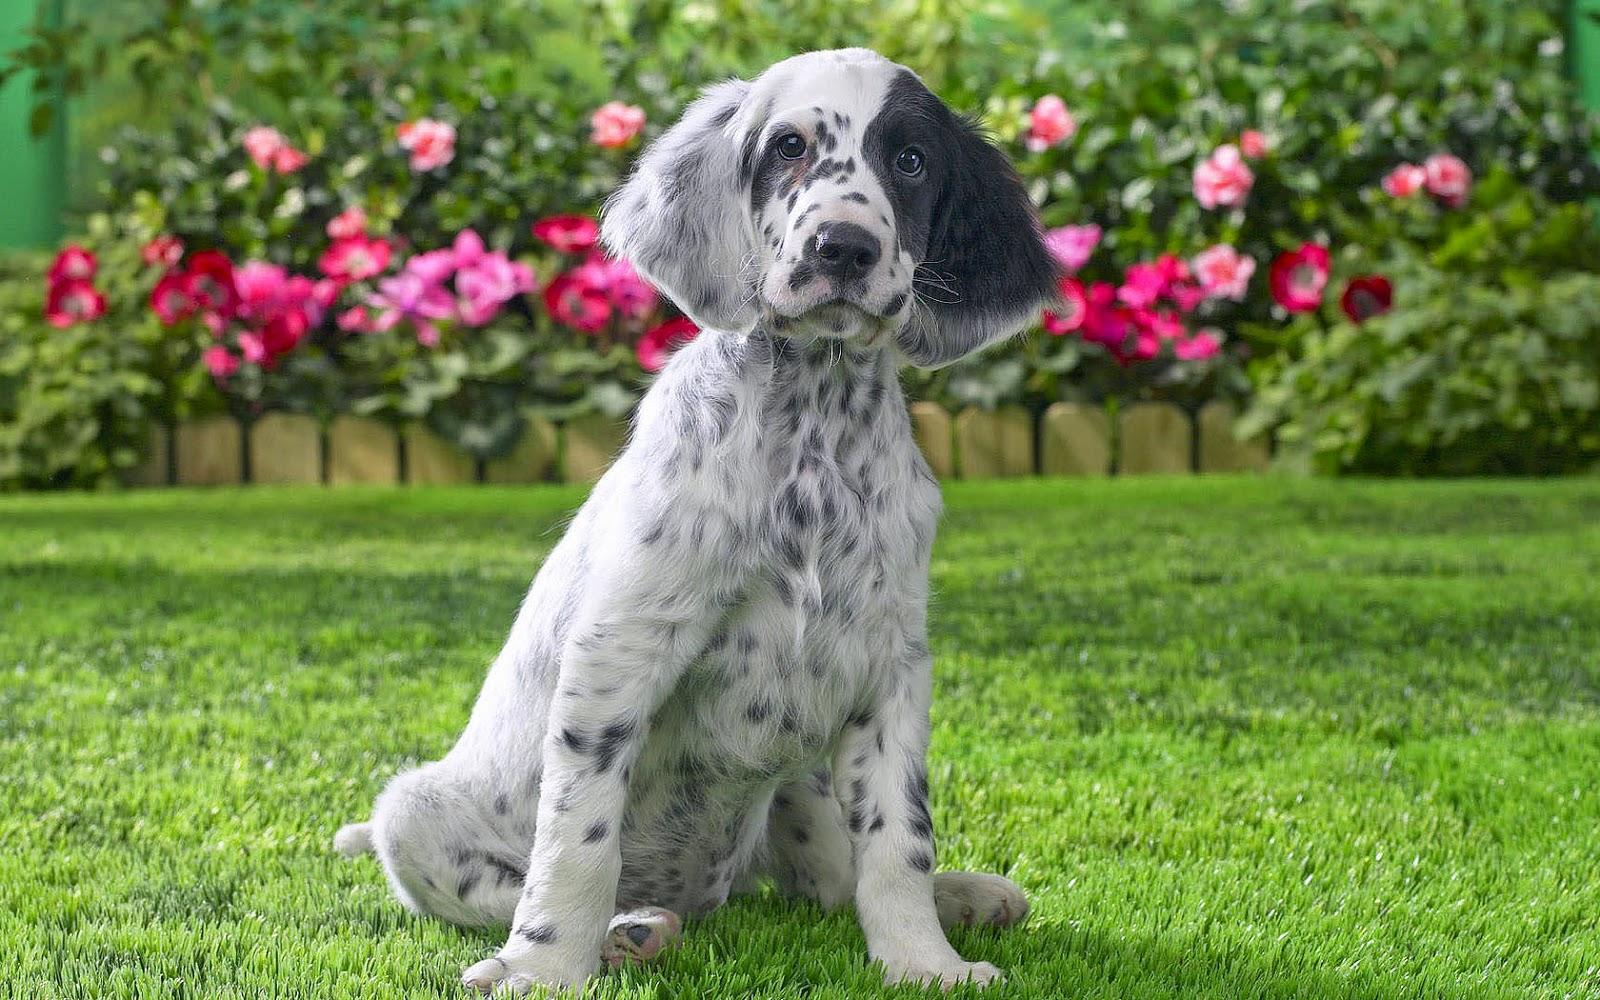 Zwart witte hond in de tuin